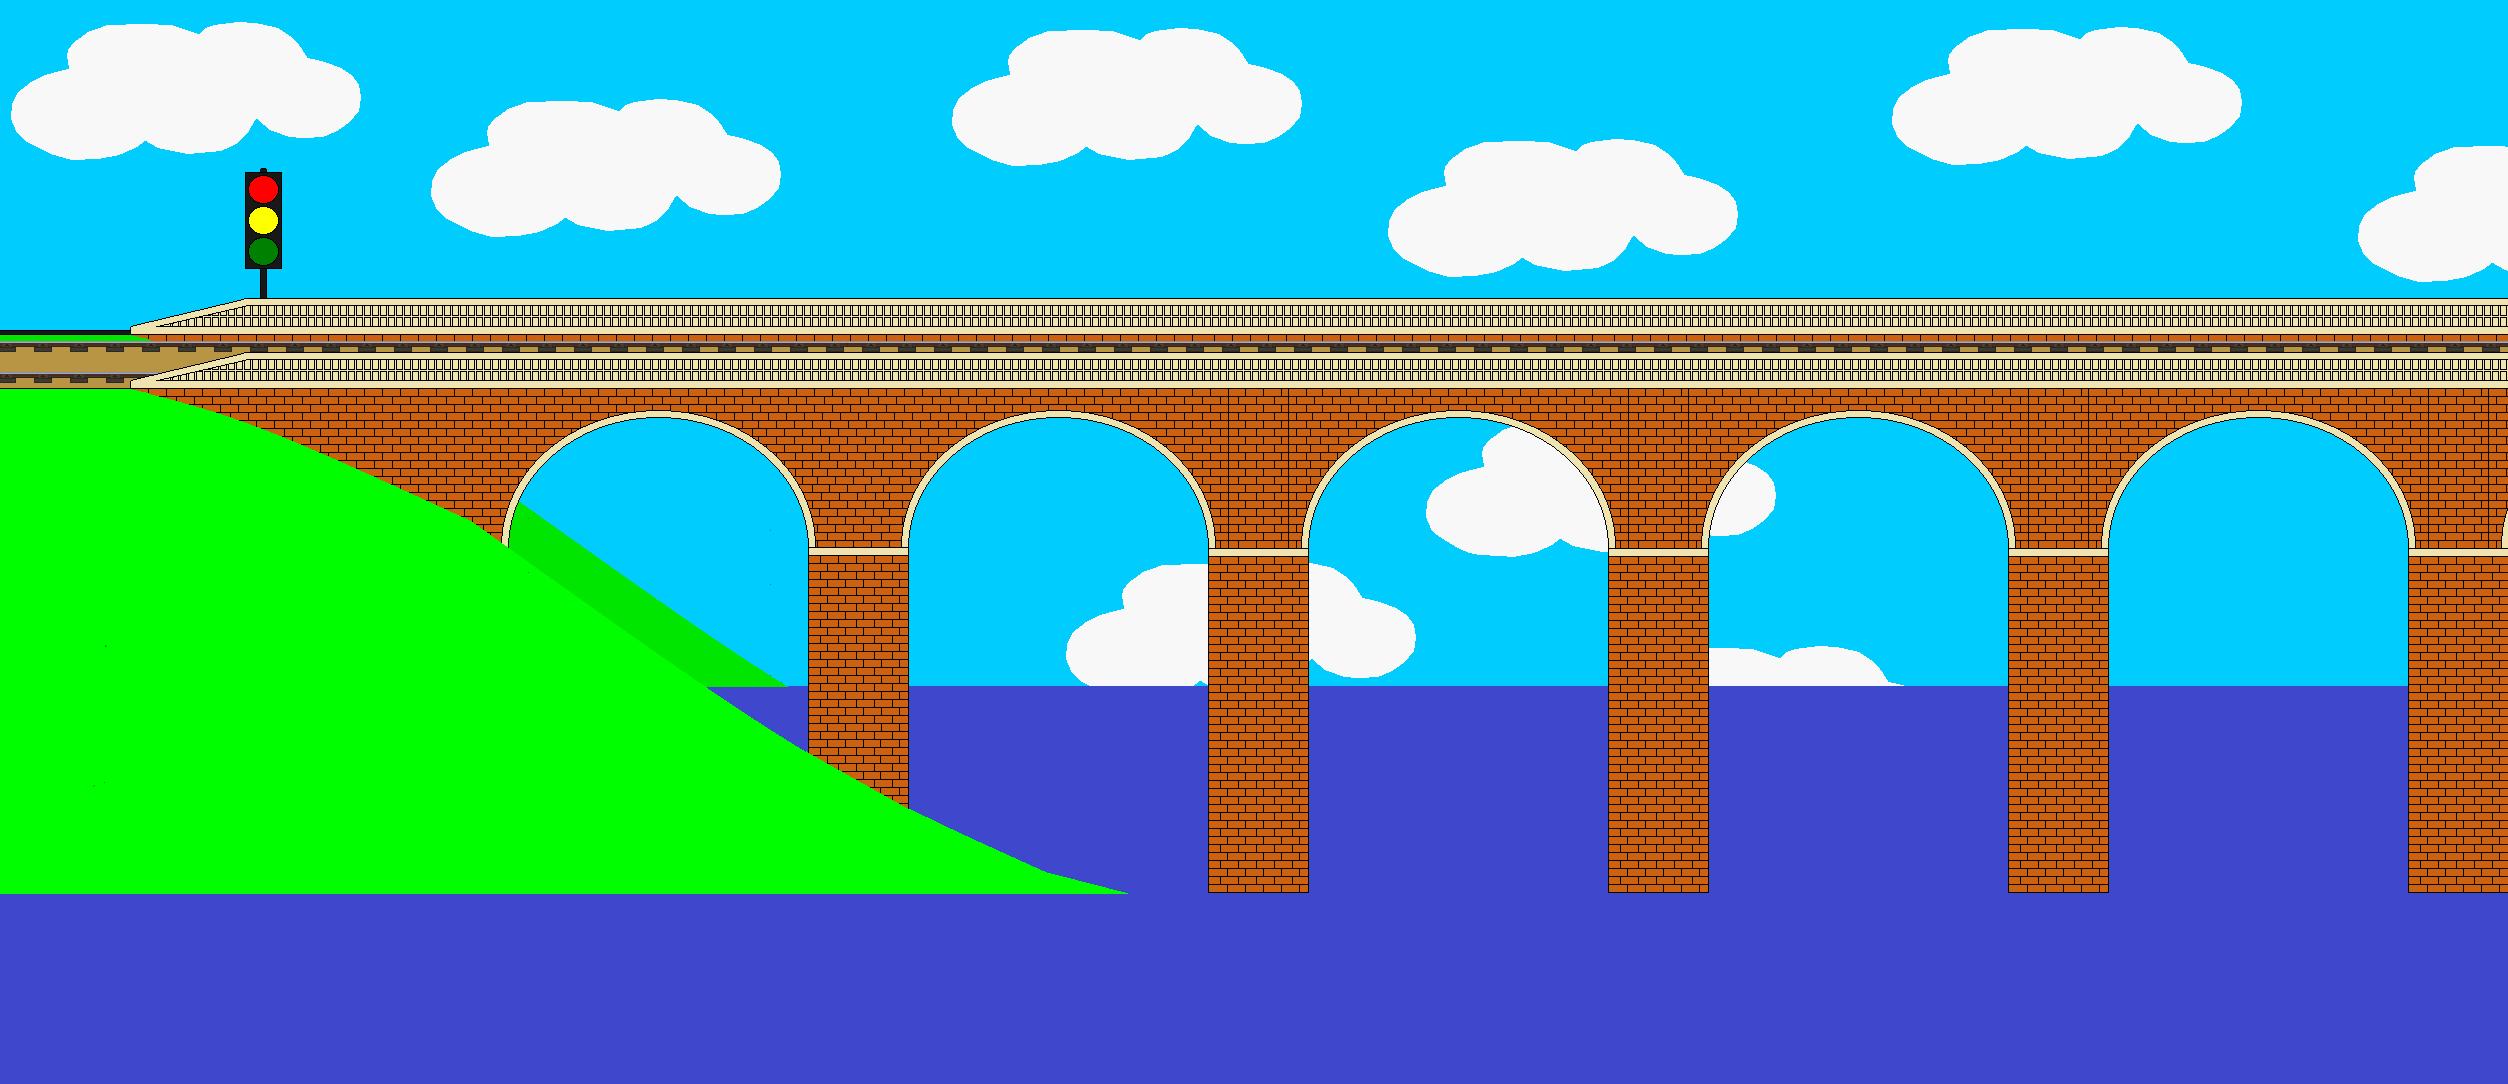 Elsbridge Viaduct